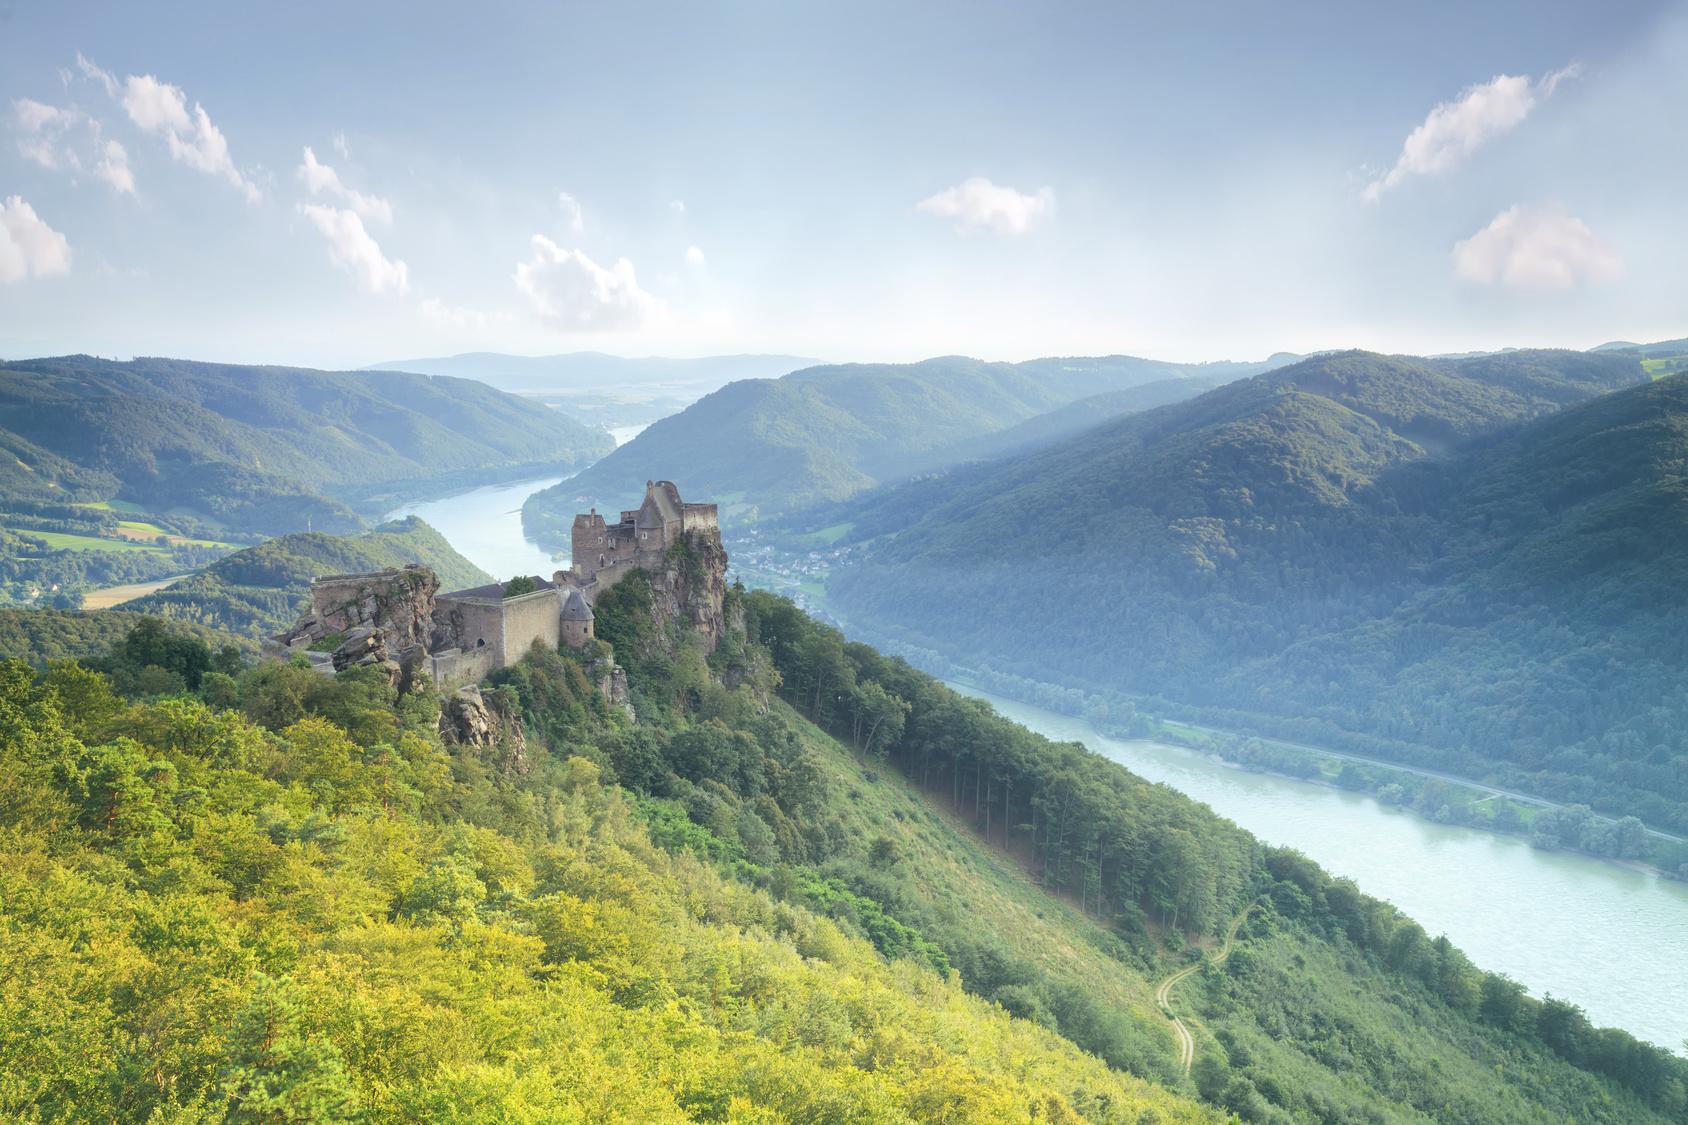 Burgruine Aggstein an der Donau - Wachau